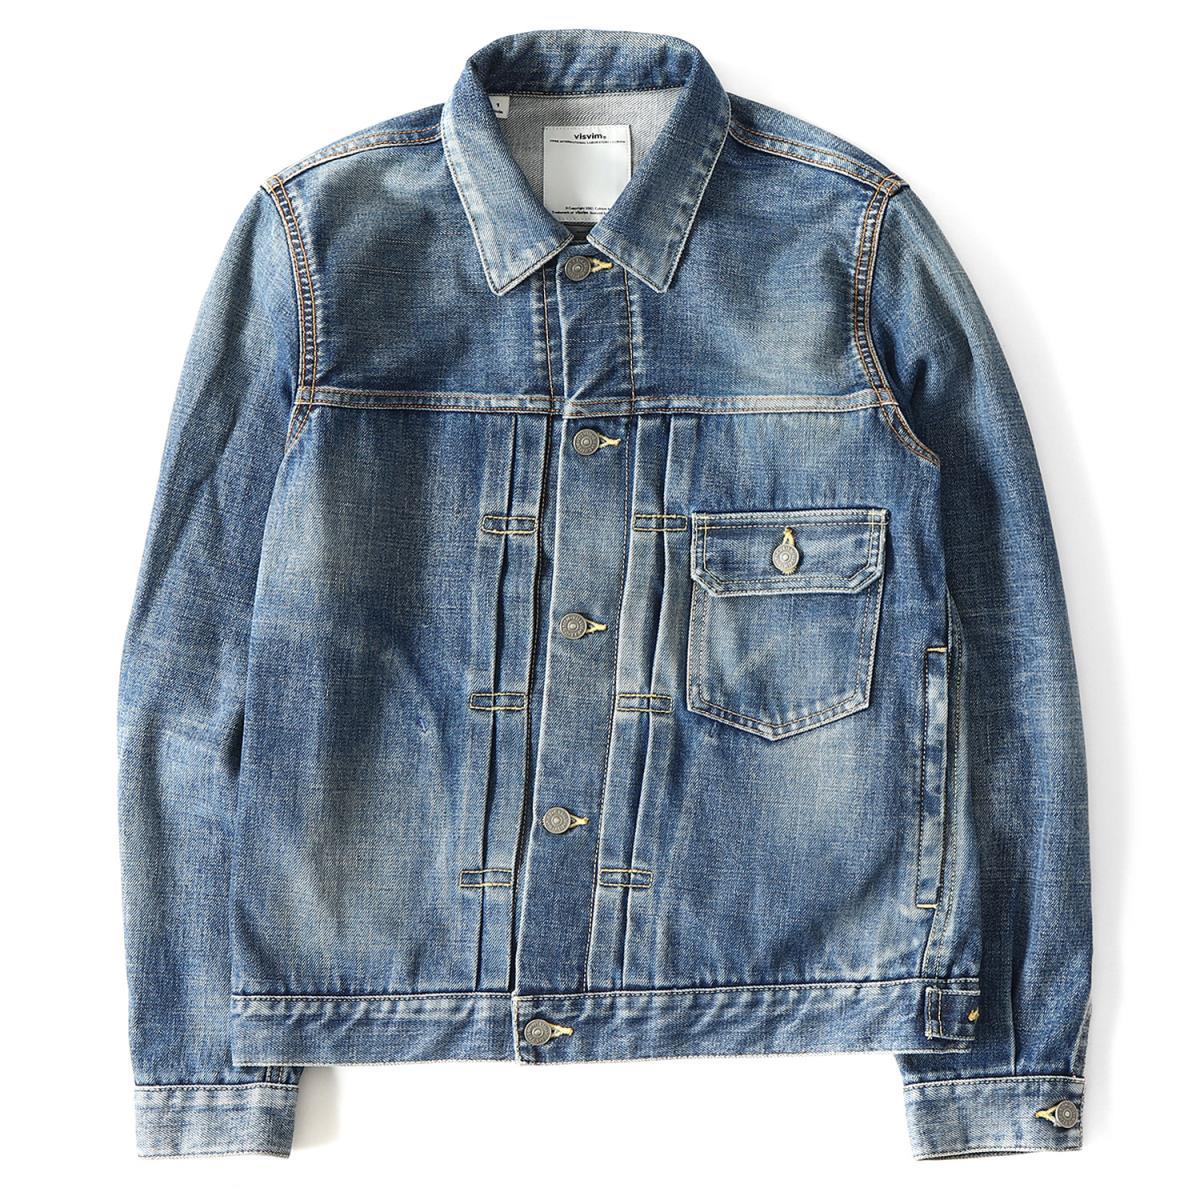 outlet for sale how to purchase best supplier visvim (ヴィズビム) vintage processing 1st type denim jacket (SS 102 JKT  DAMAGED) indigo 1